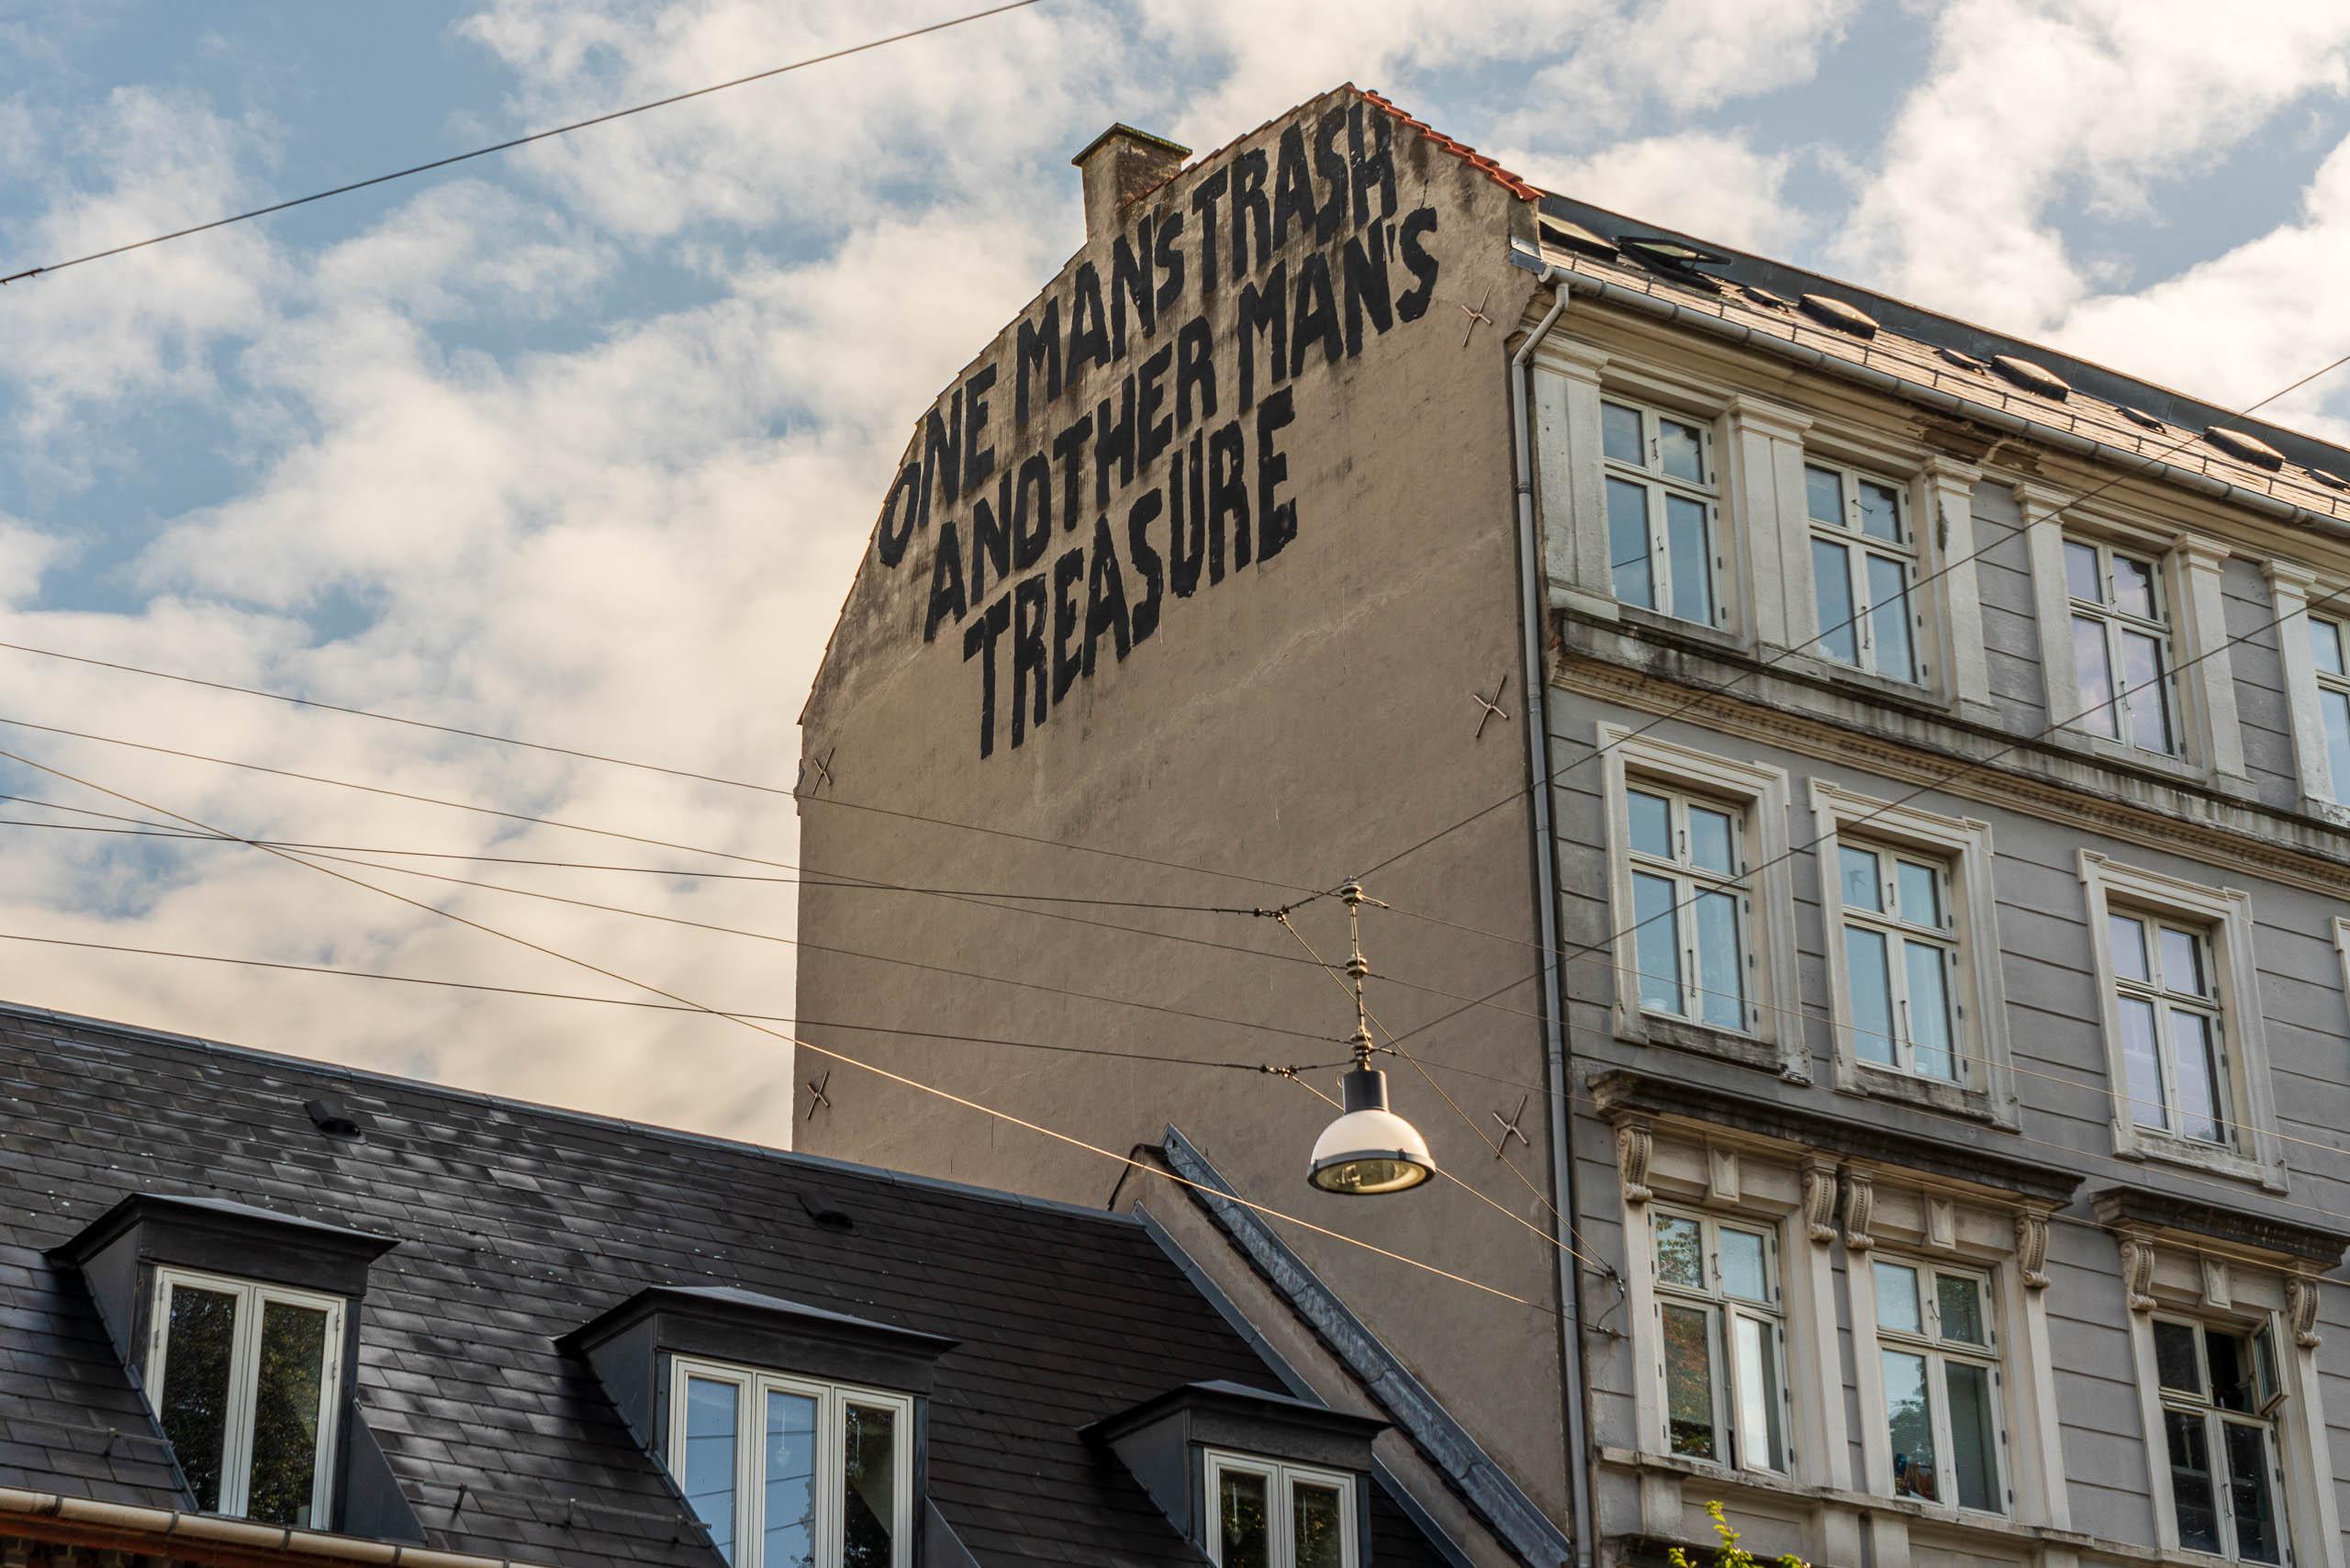 Streets of Copenhagen #1